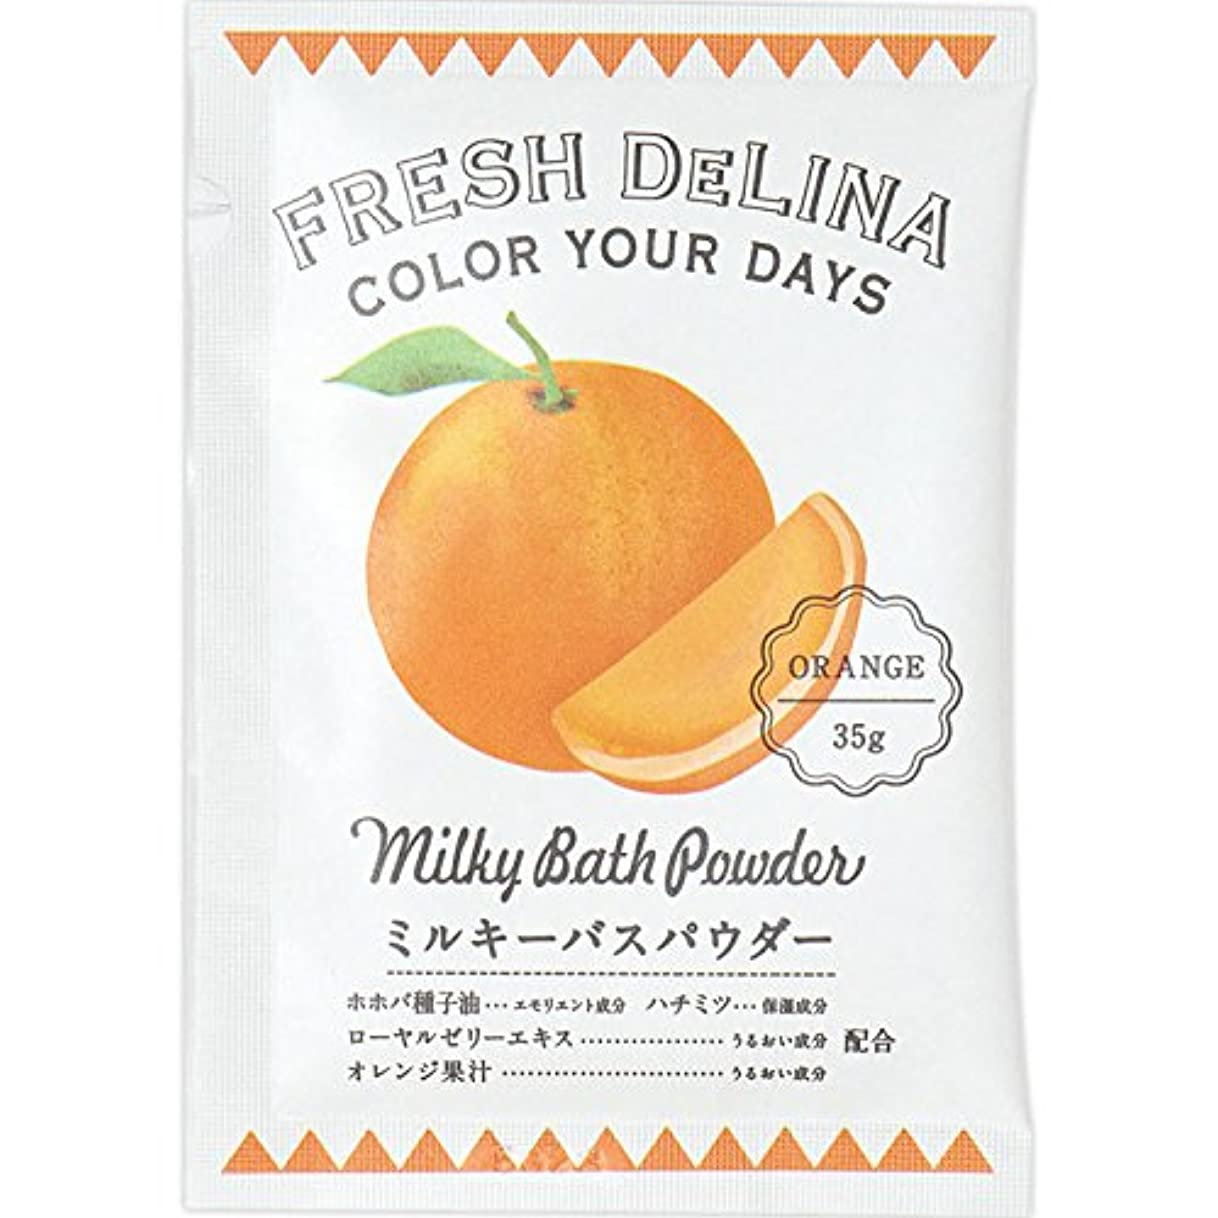 不機嫌そうな望ましい知るフレッシュデリーナ ミルキーバスパウダー オレンジ 35g